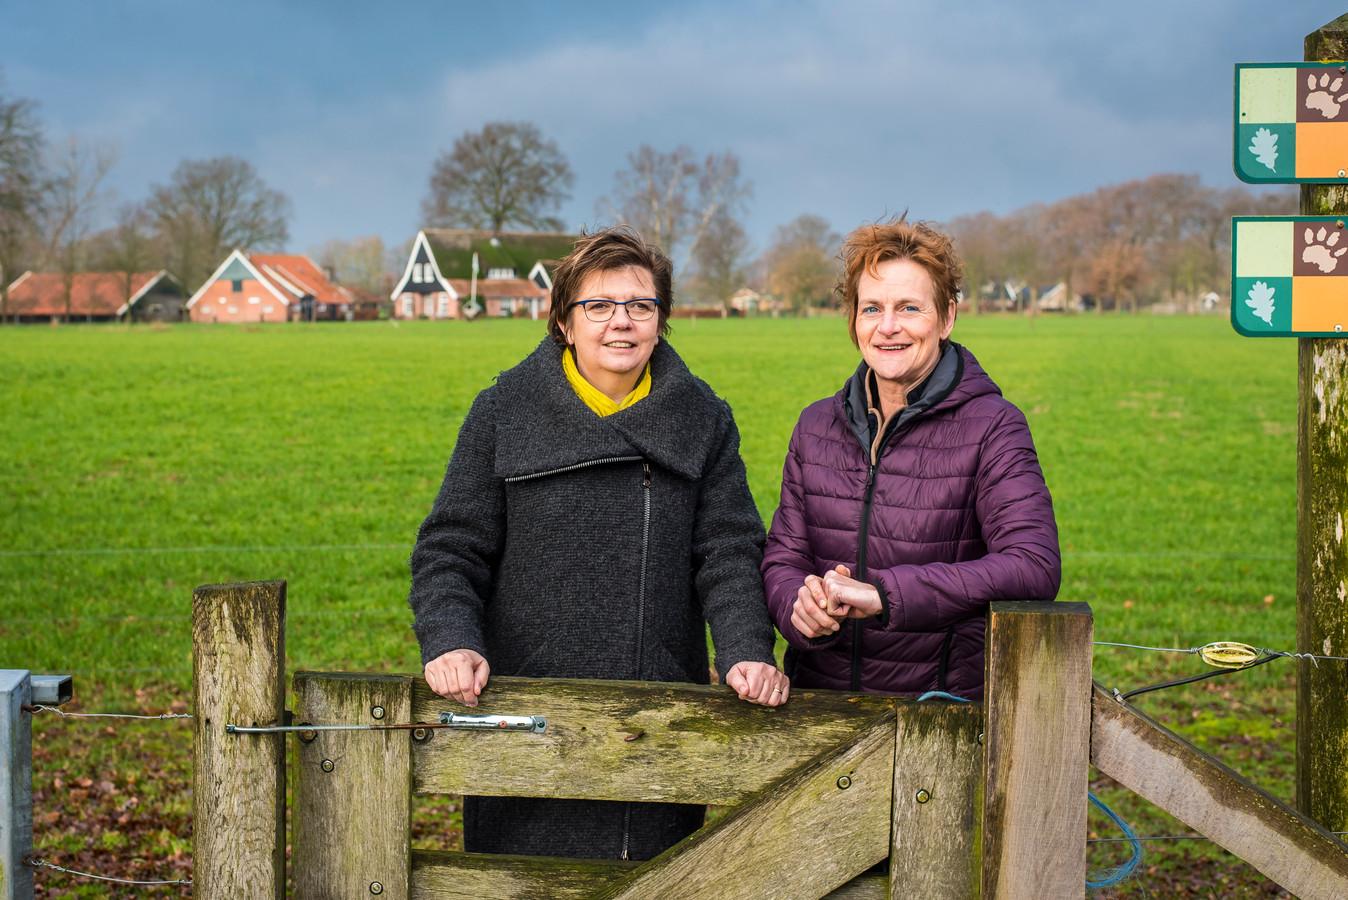 Agnes Mentink (links) en Angela Pigge op een mooi plekje in het buitengebied van Enter.